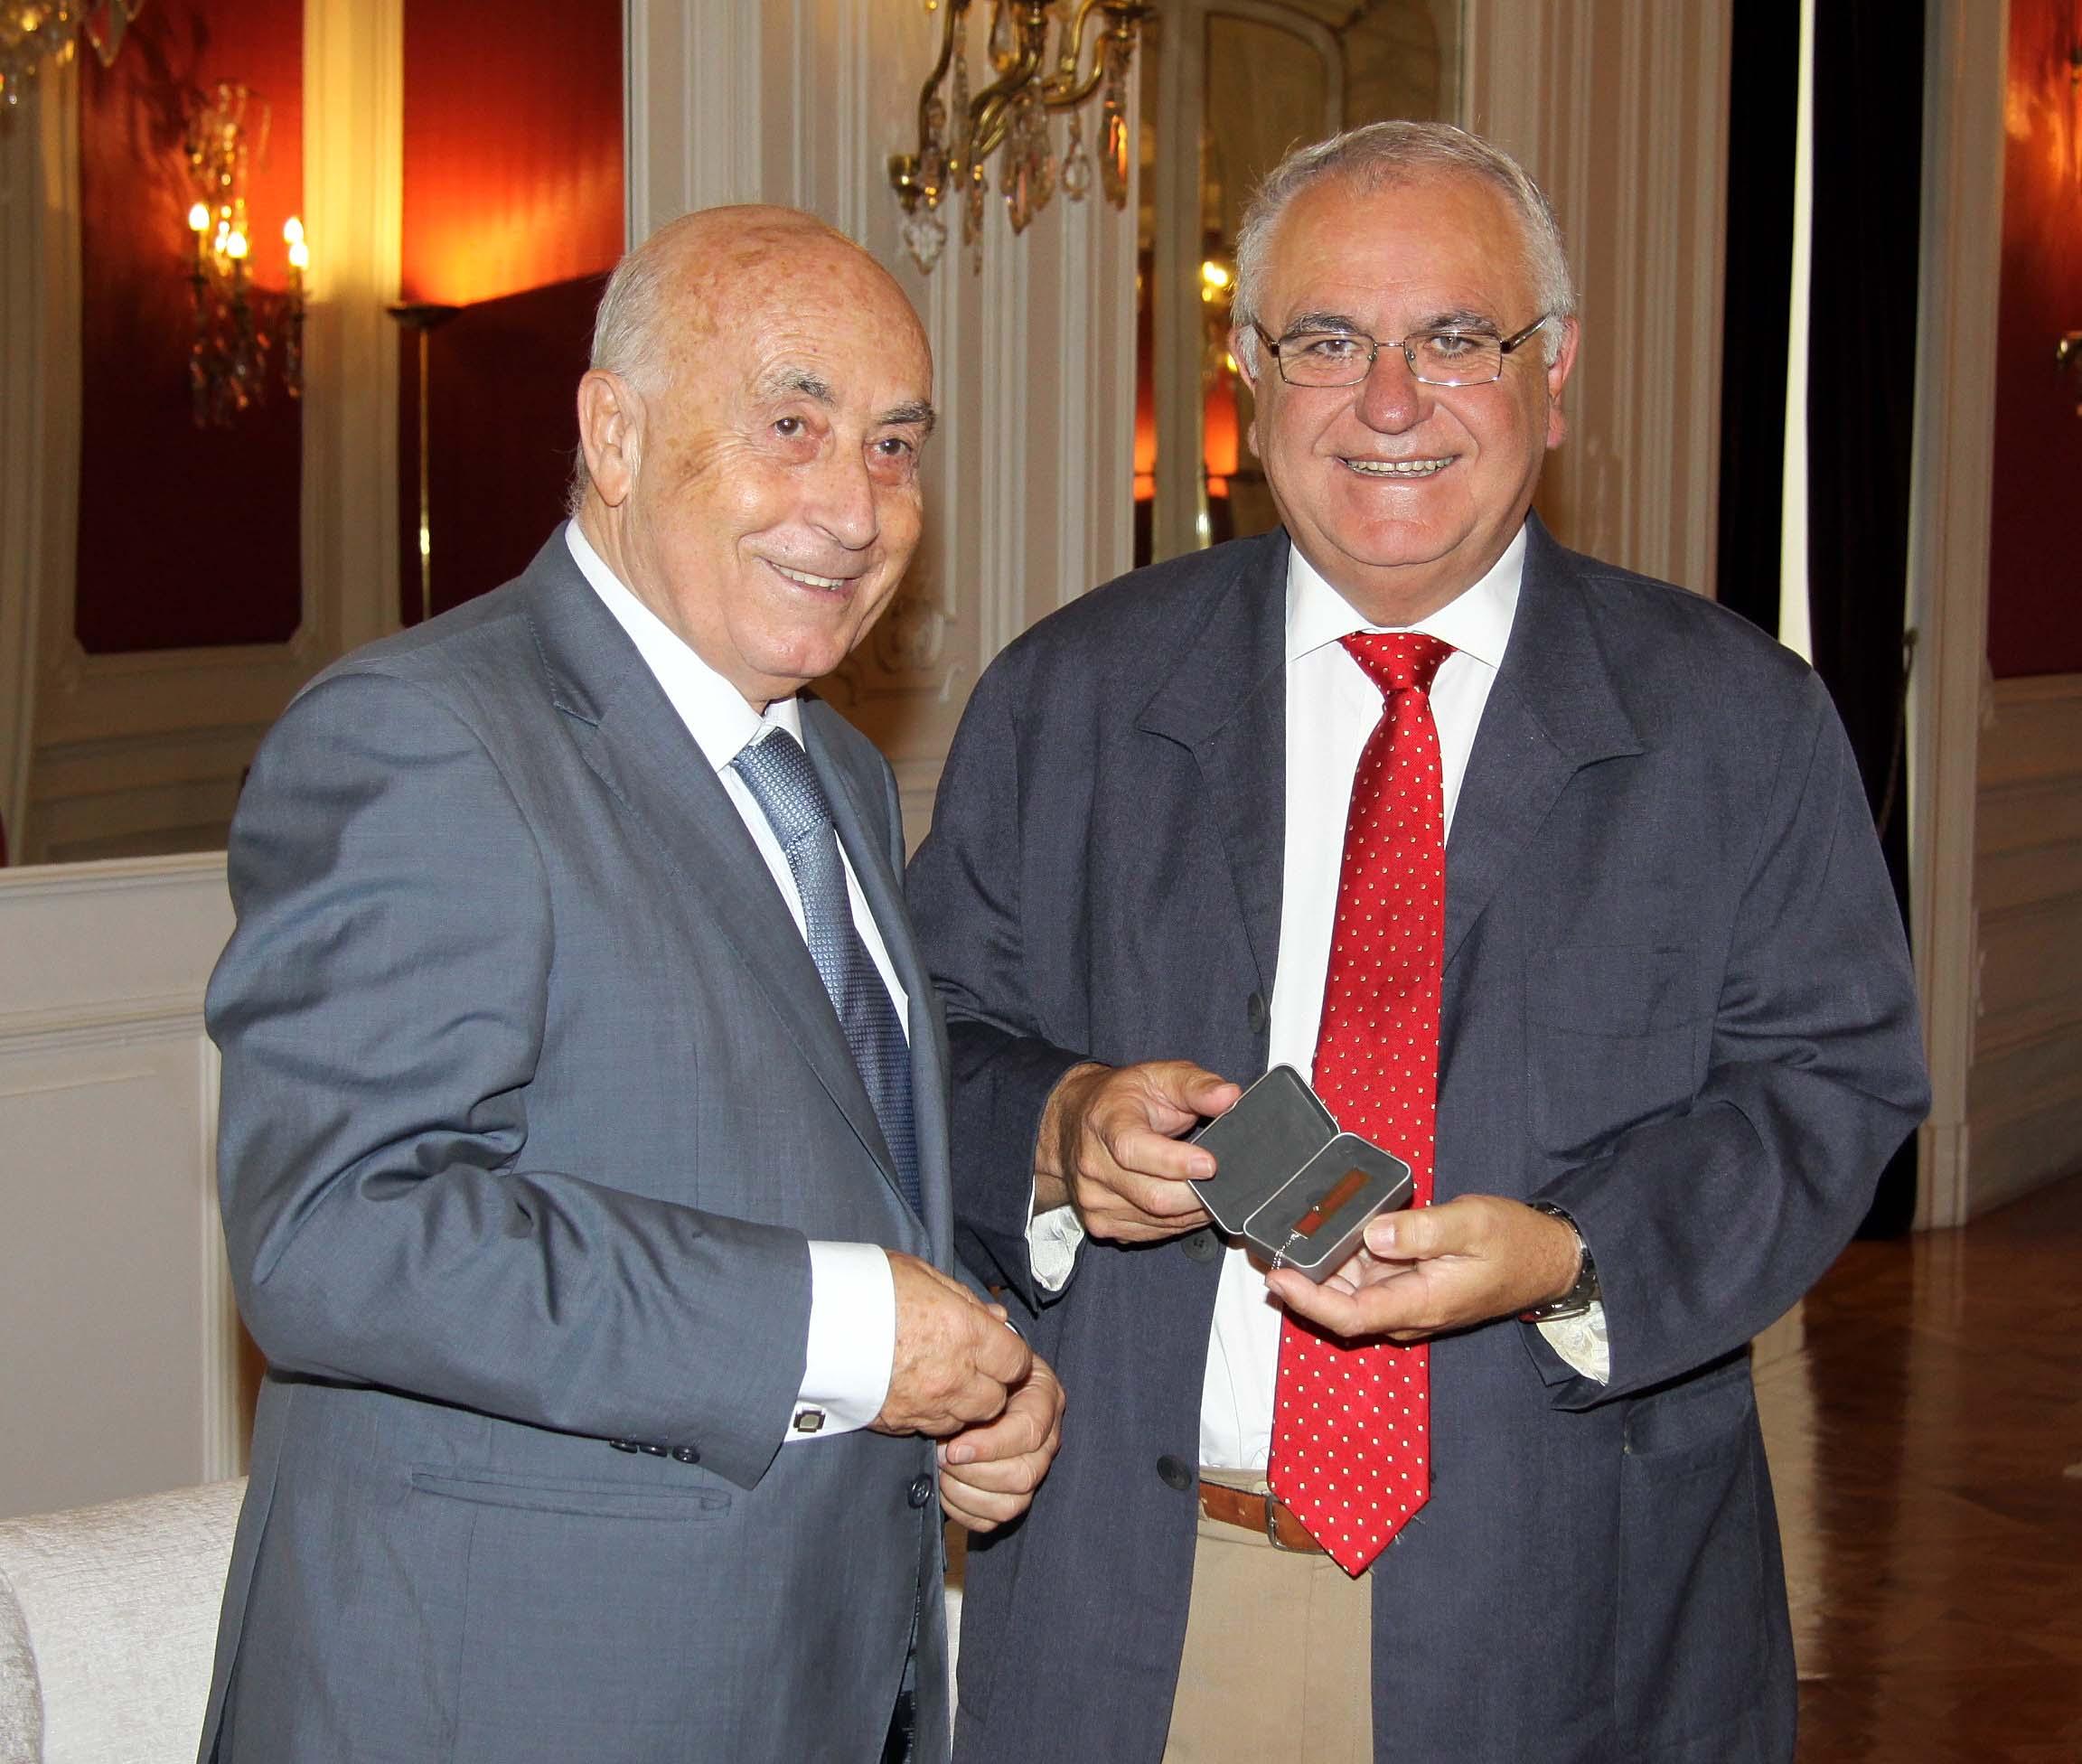 El síndic entrega el Informe Anual 2010 al presidente de Les Corts Valencianes